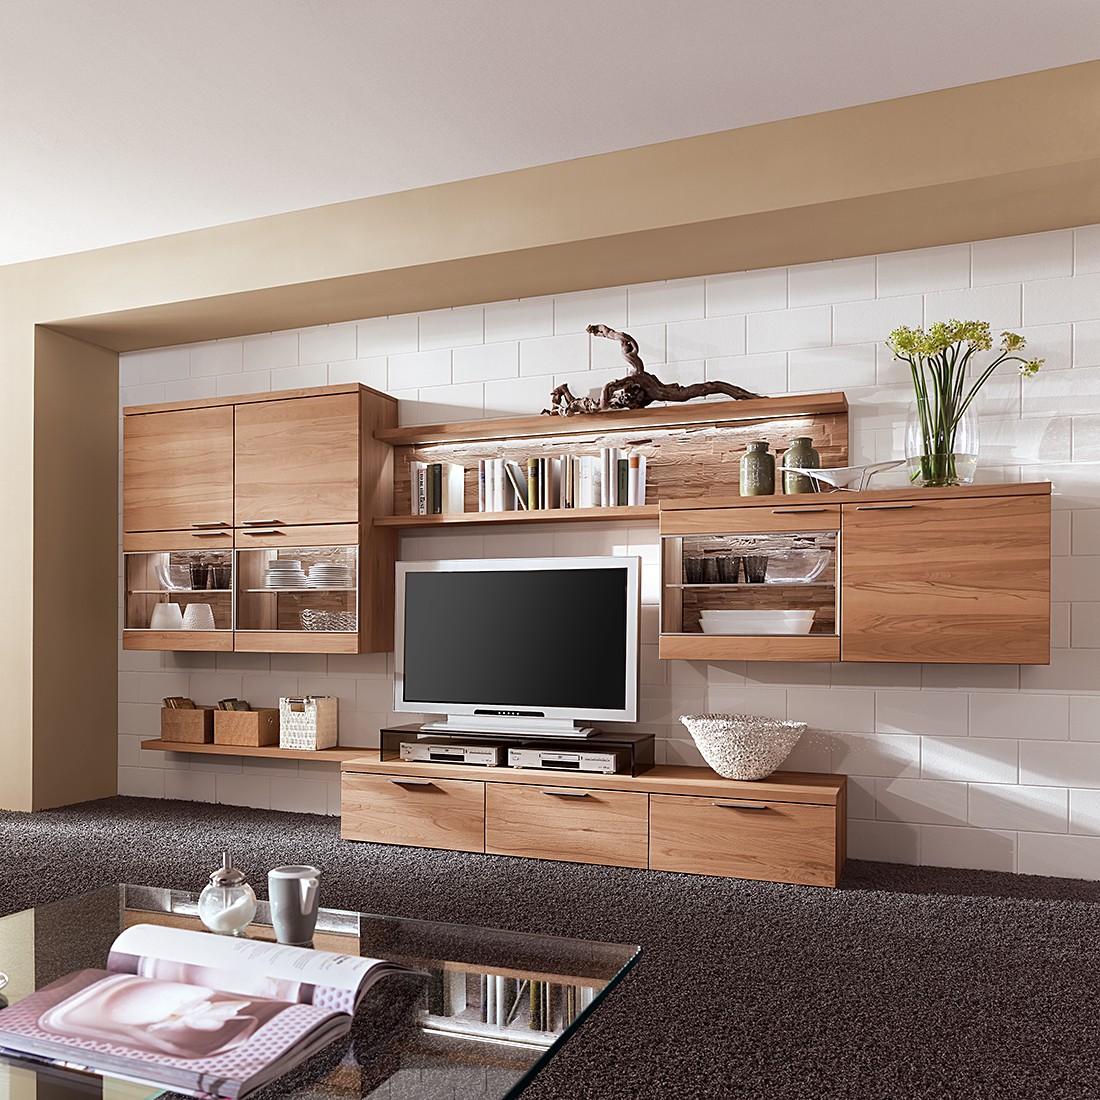 wohnwand ohne tv angenehm wohnzimmer wohnwand ohne tv. Black Bedroom Furniture Sets. Home Design Ideas